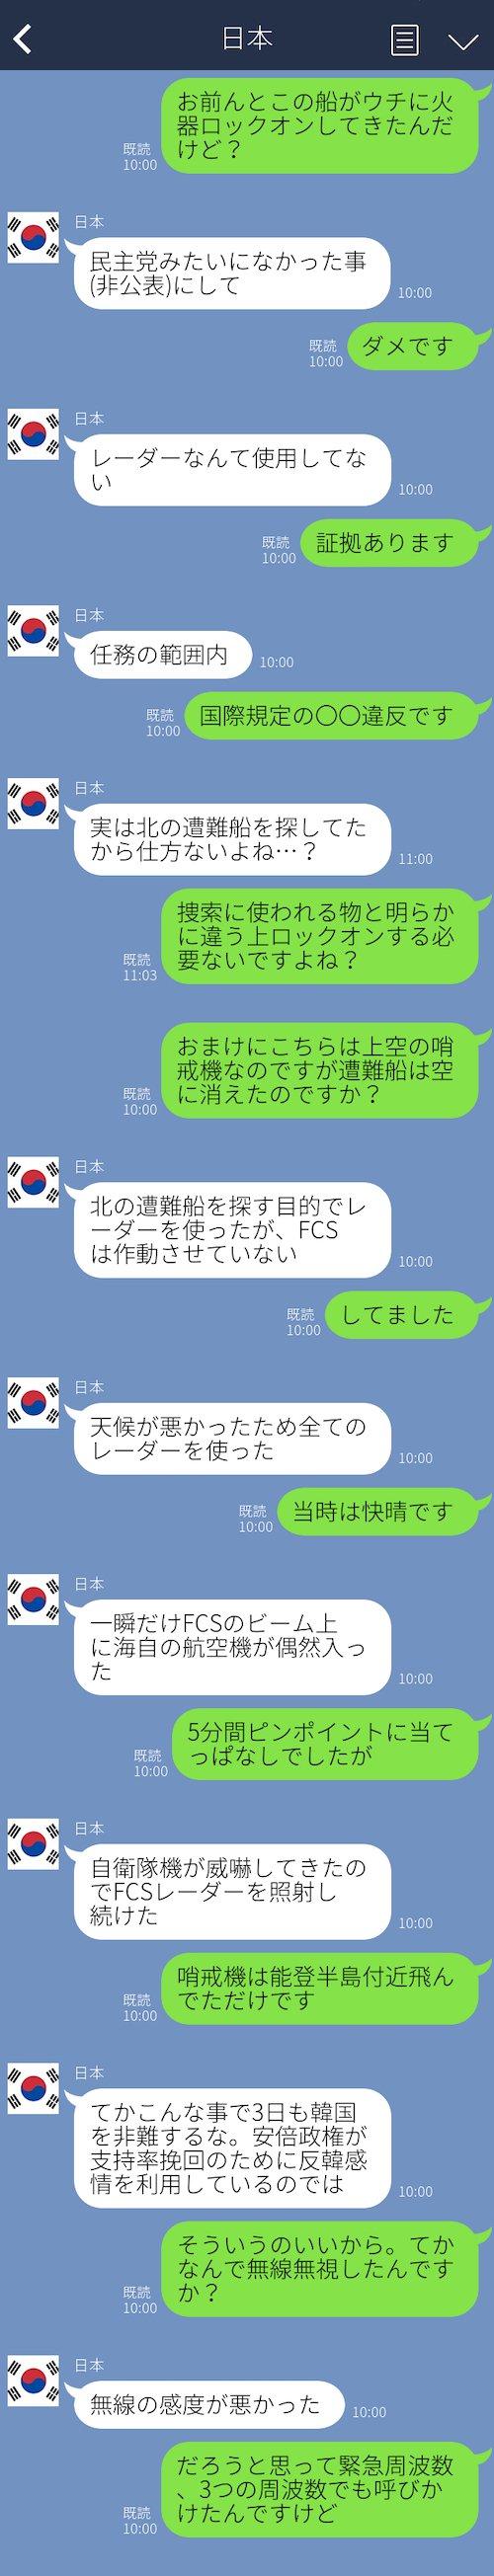 """韓国軍レーダー照射事案を""""LINE風""""に表現 → ネット「とても分かりやすい!」「最終的に韓国がブロックしそう…」"""